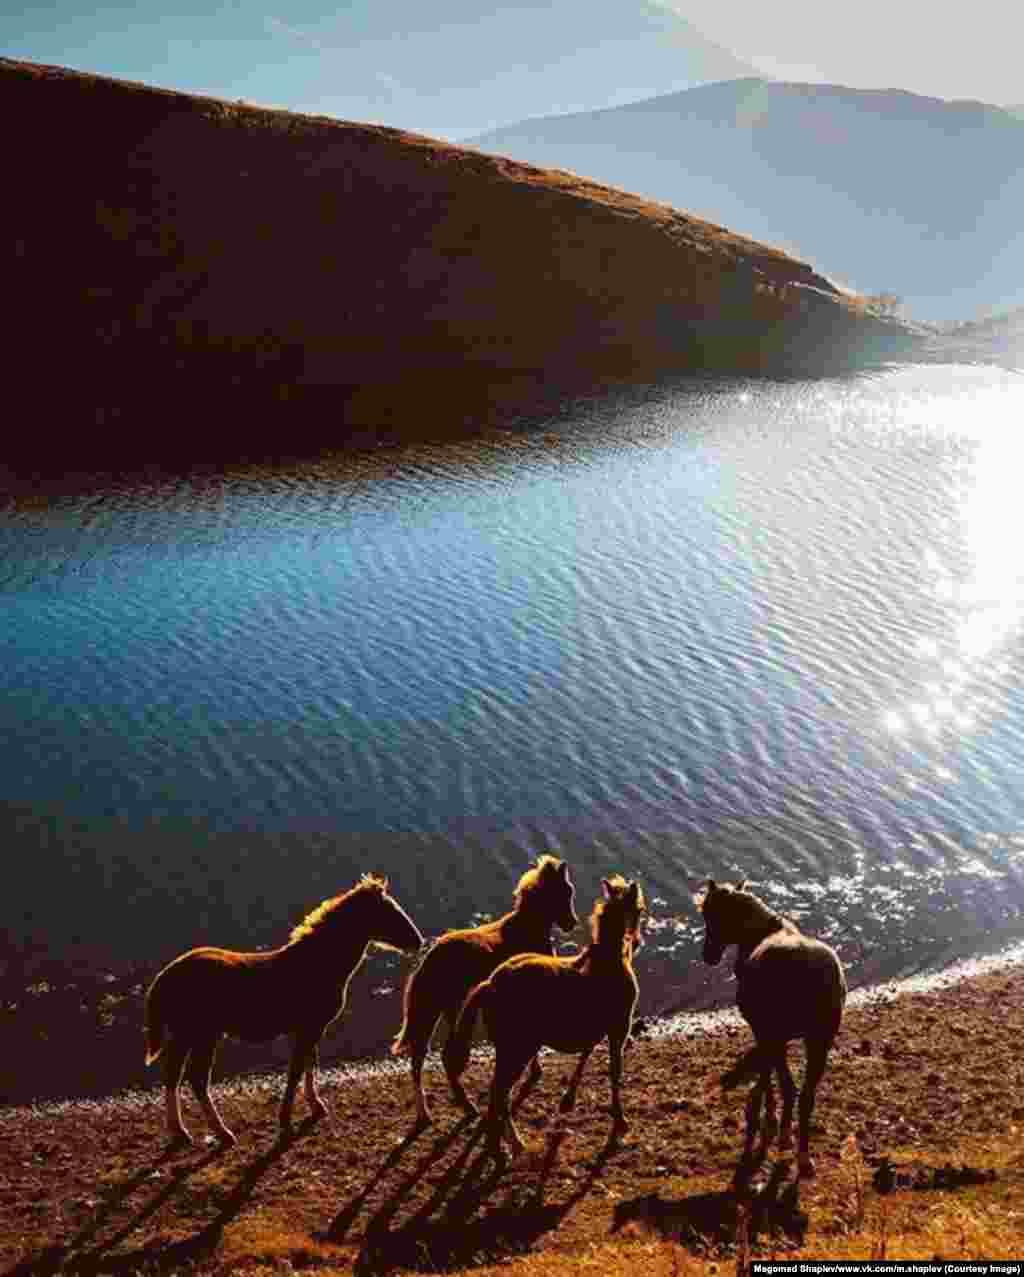 """Фотография диких лошадей является одной из самых популярных в Instargam'e. """"Она была сделана рядом с грузинской границей. Нам пришлось получать разрешение от пограничников подойти туда. Был яркий свет, и волны на воде от ветра. Потом я увидел этих лошадей, – рассказывает фотограф."""